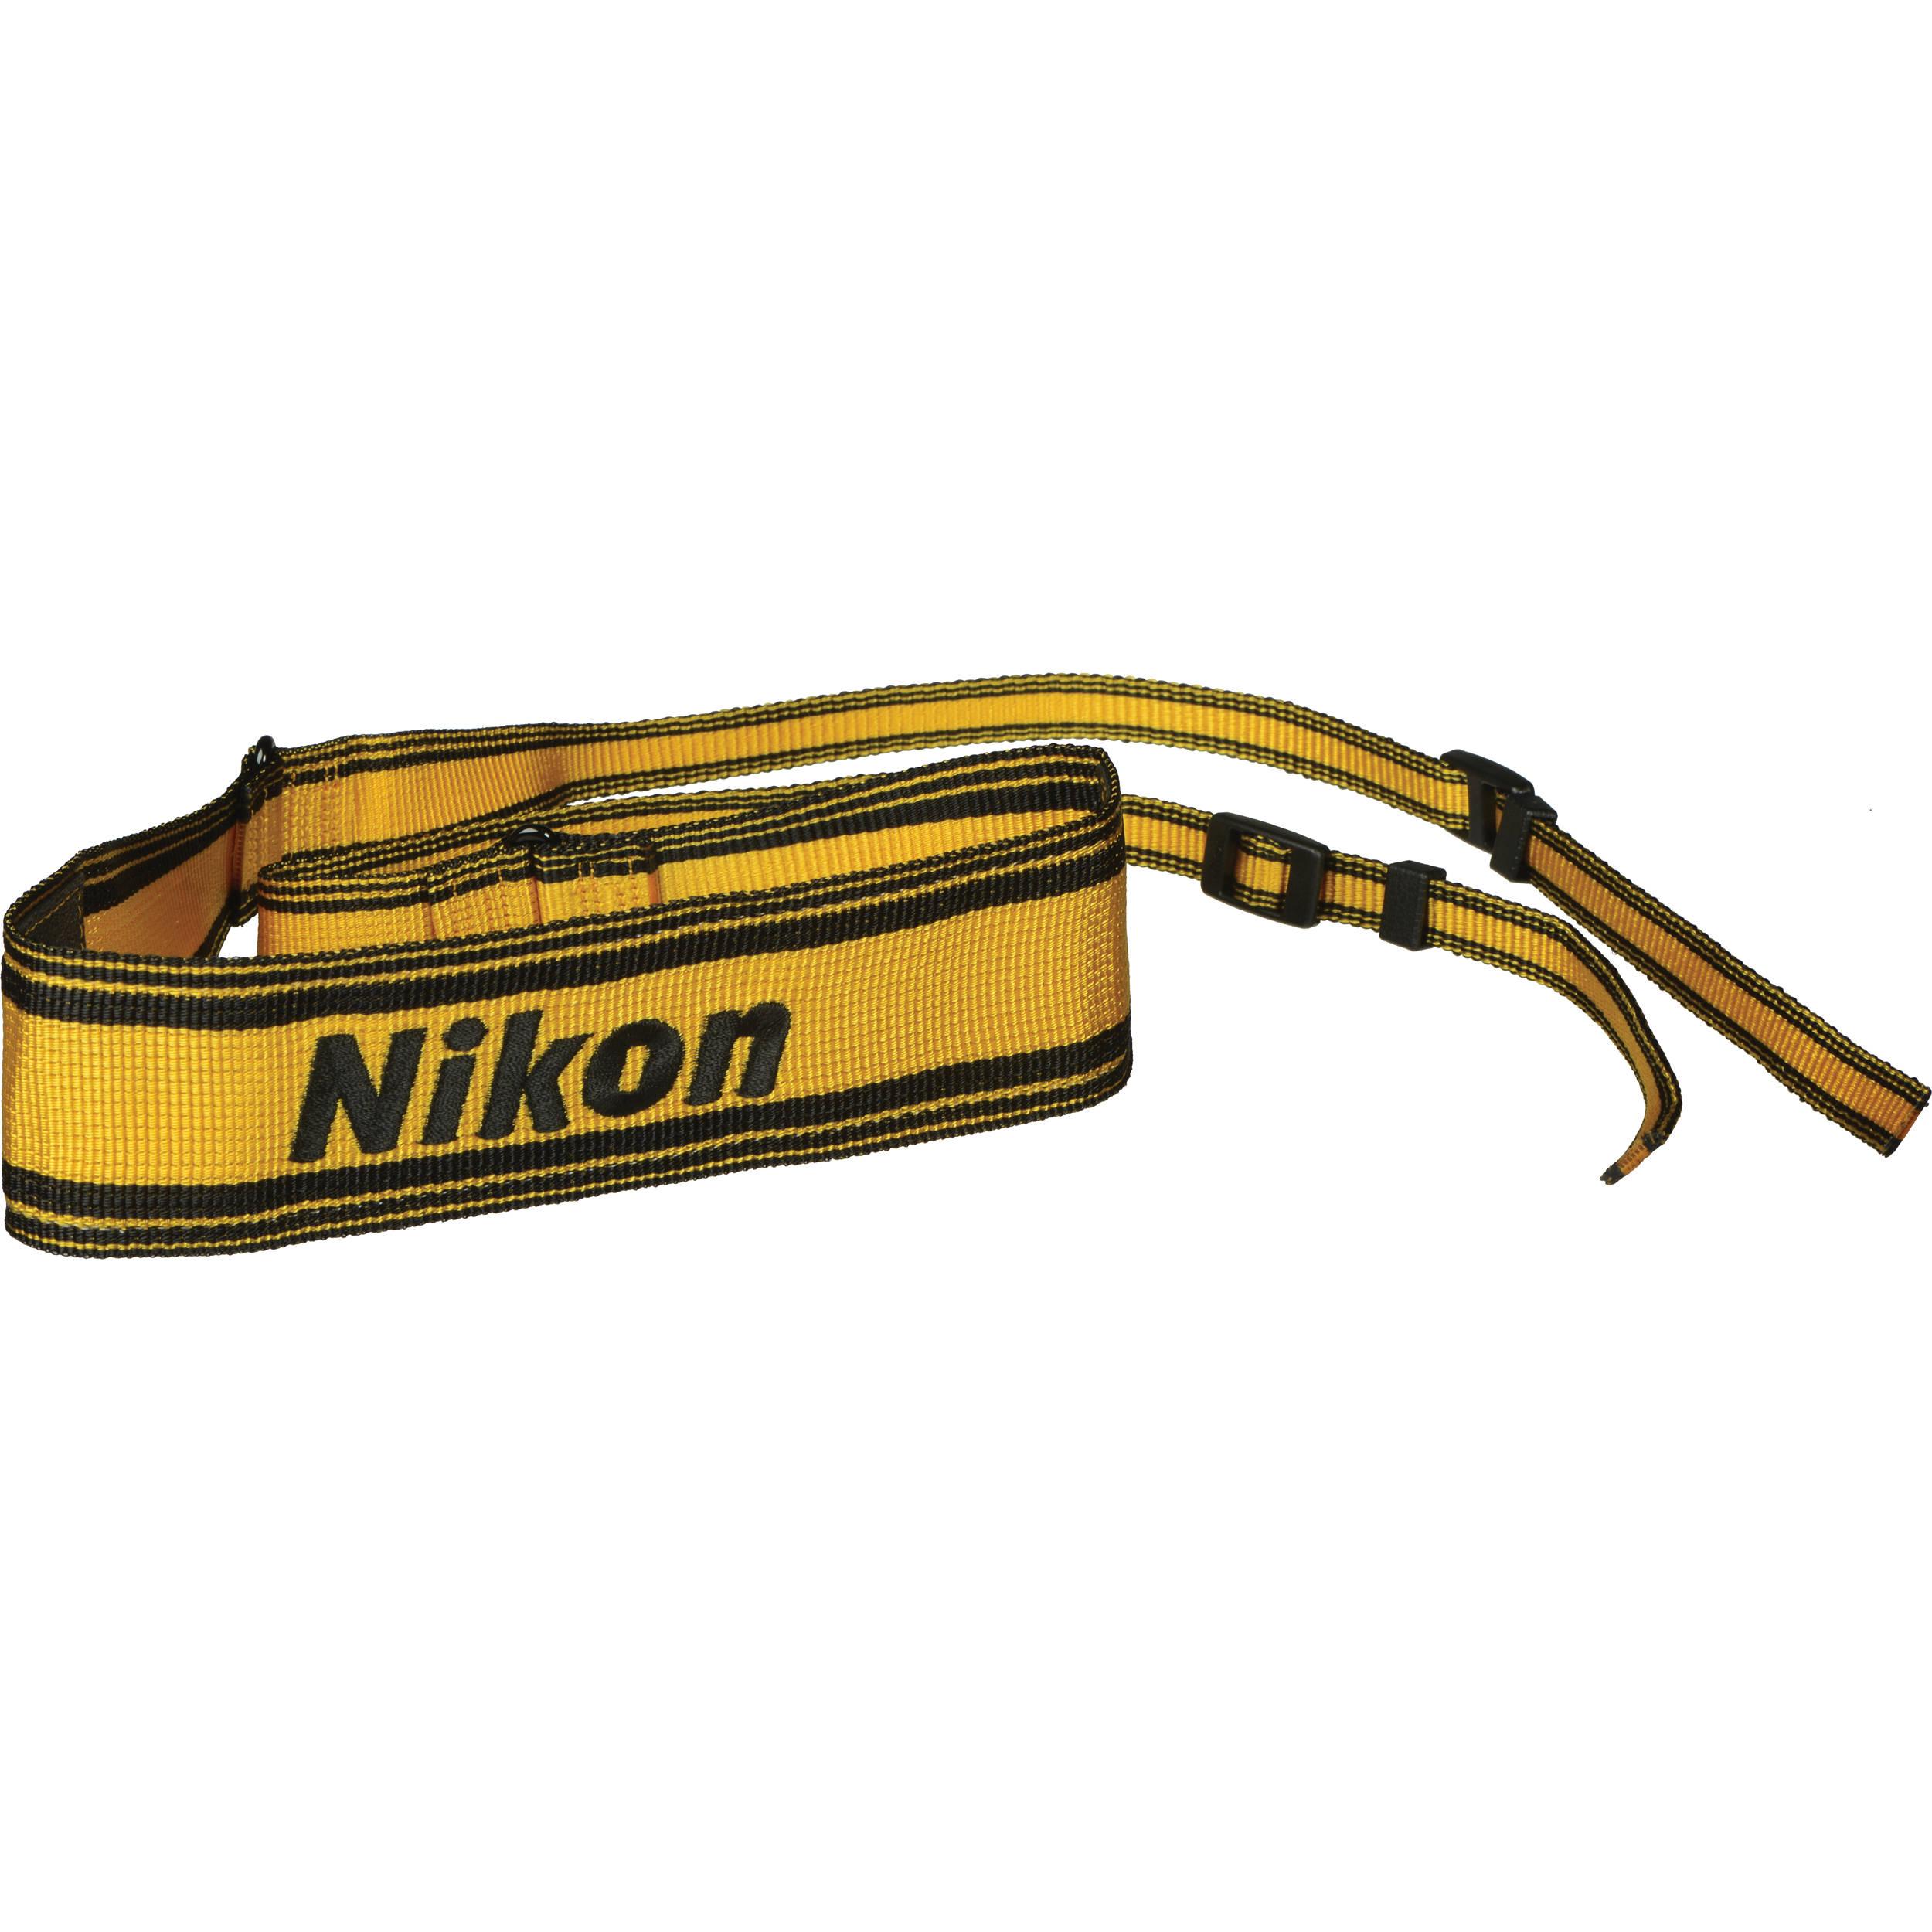 6y Nikon AN-6Y Wide Nylon Neckstrap